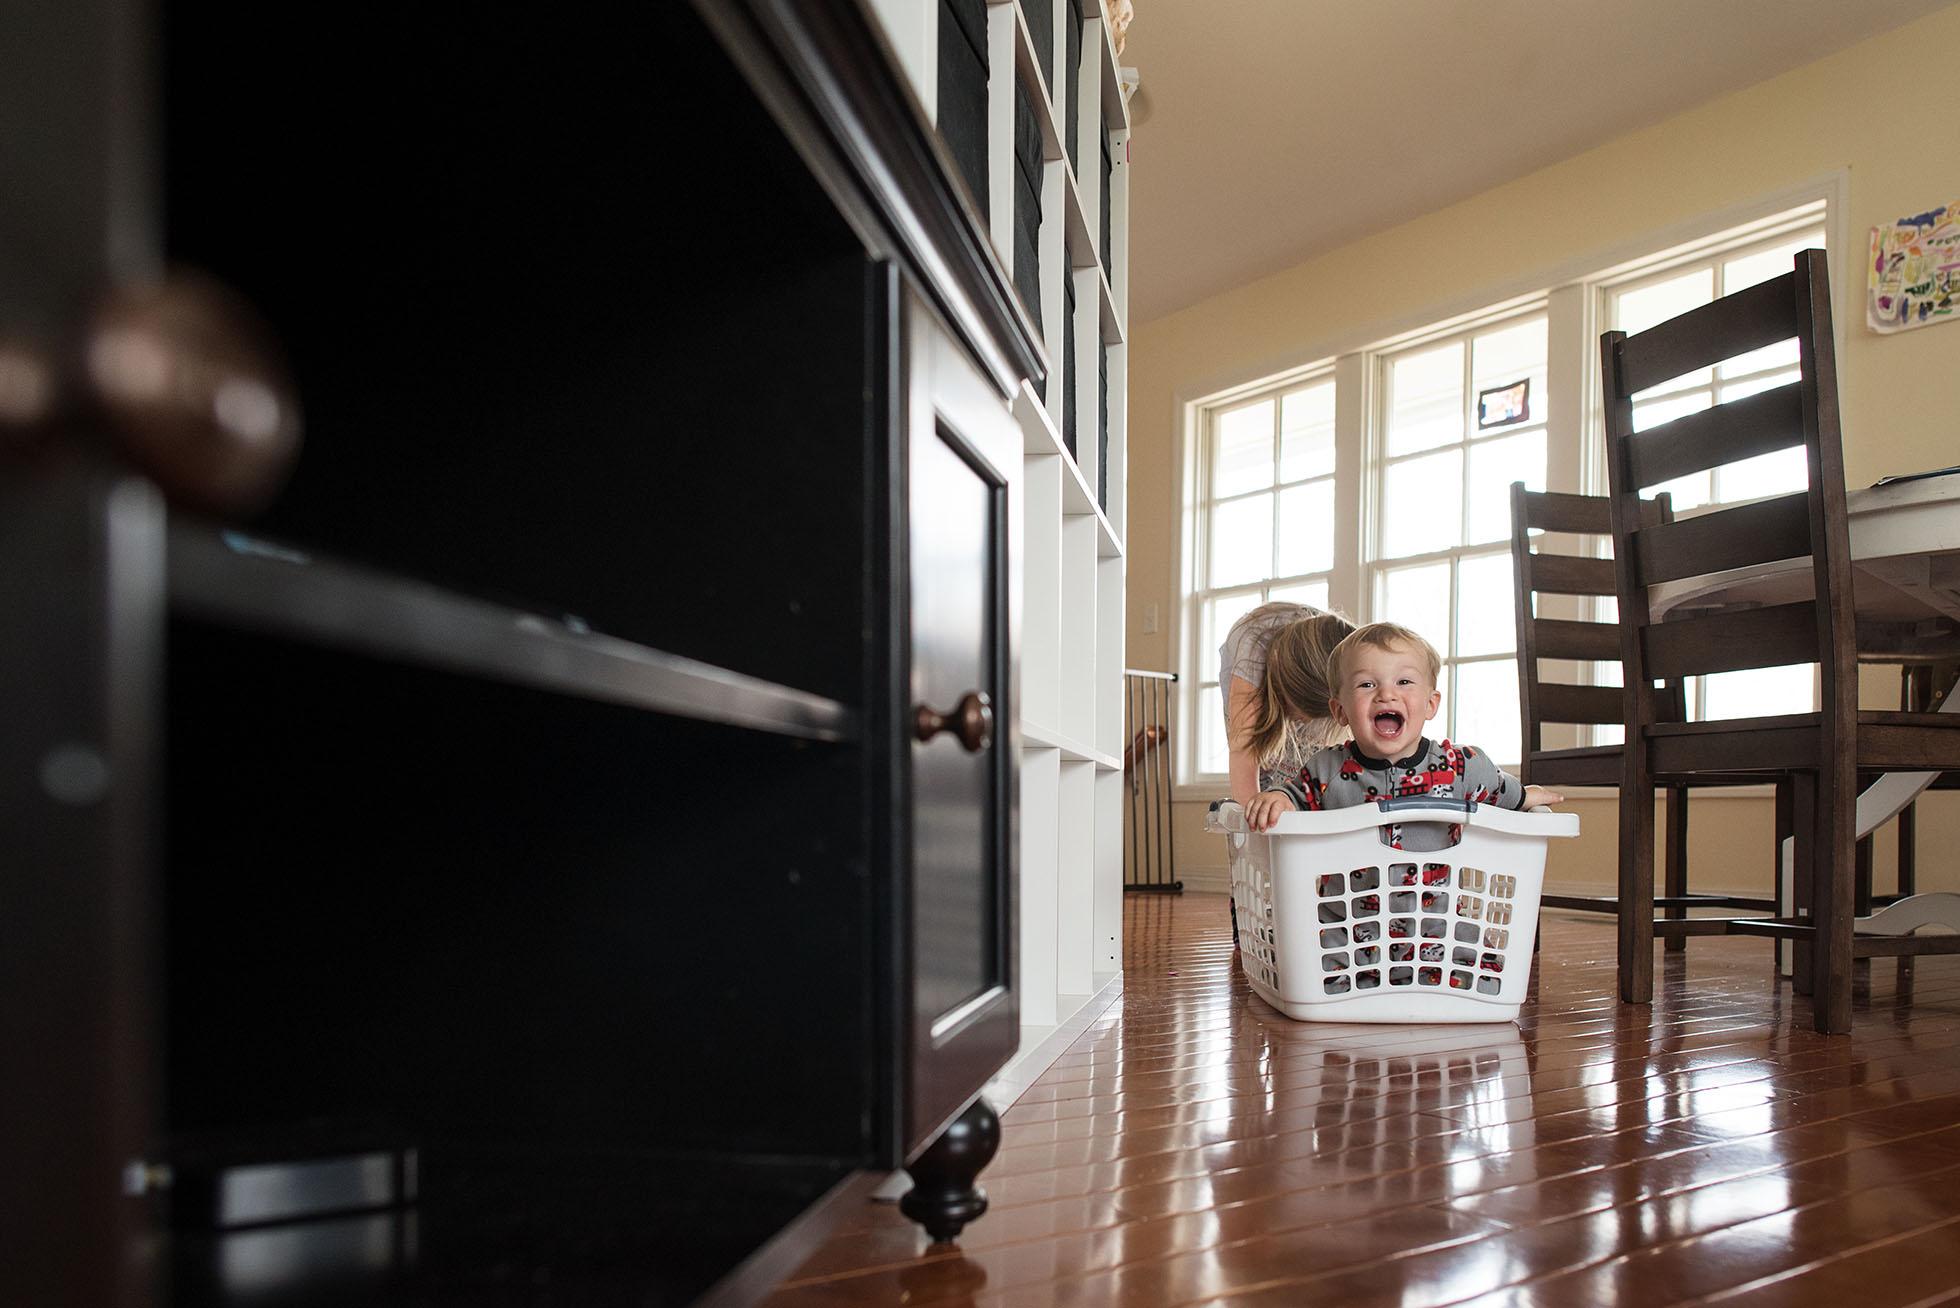 girl pushing toddler in laundry basket freezing motion kellie bieser